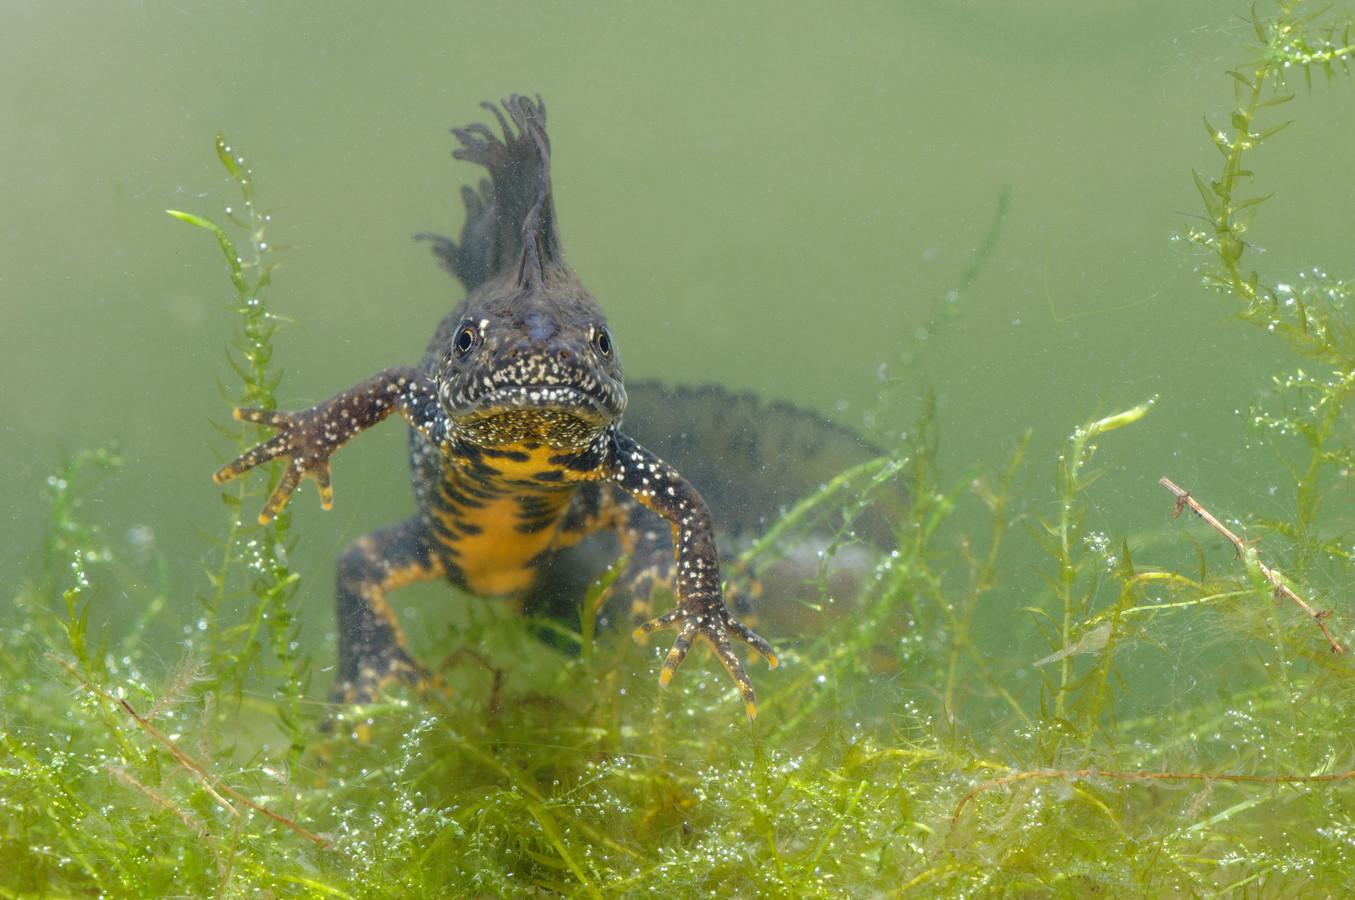 De kamsalamander is een bedreigde diersoort, maar heeft op de Sallandse Heuvelrug  het droge jaar 2019 goed doorstaan.